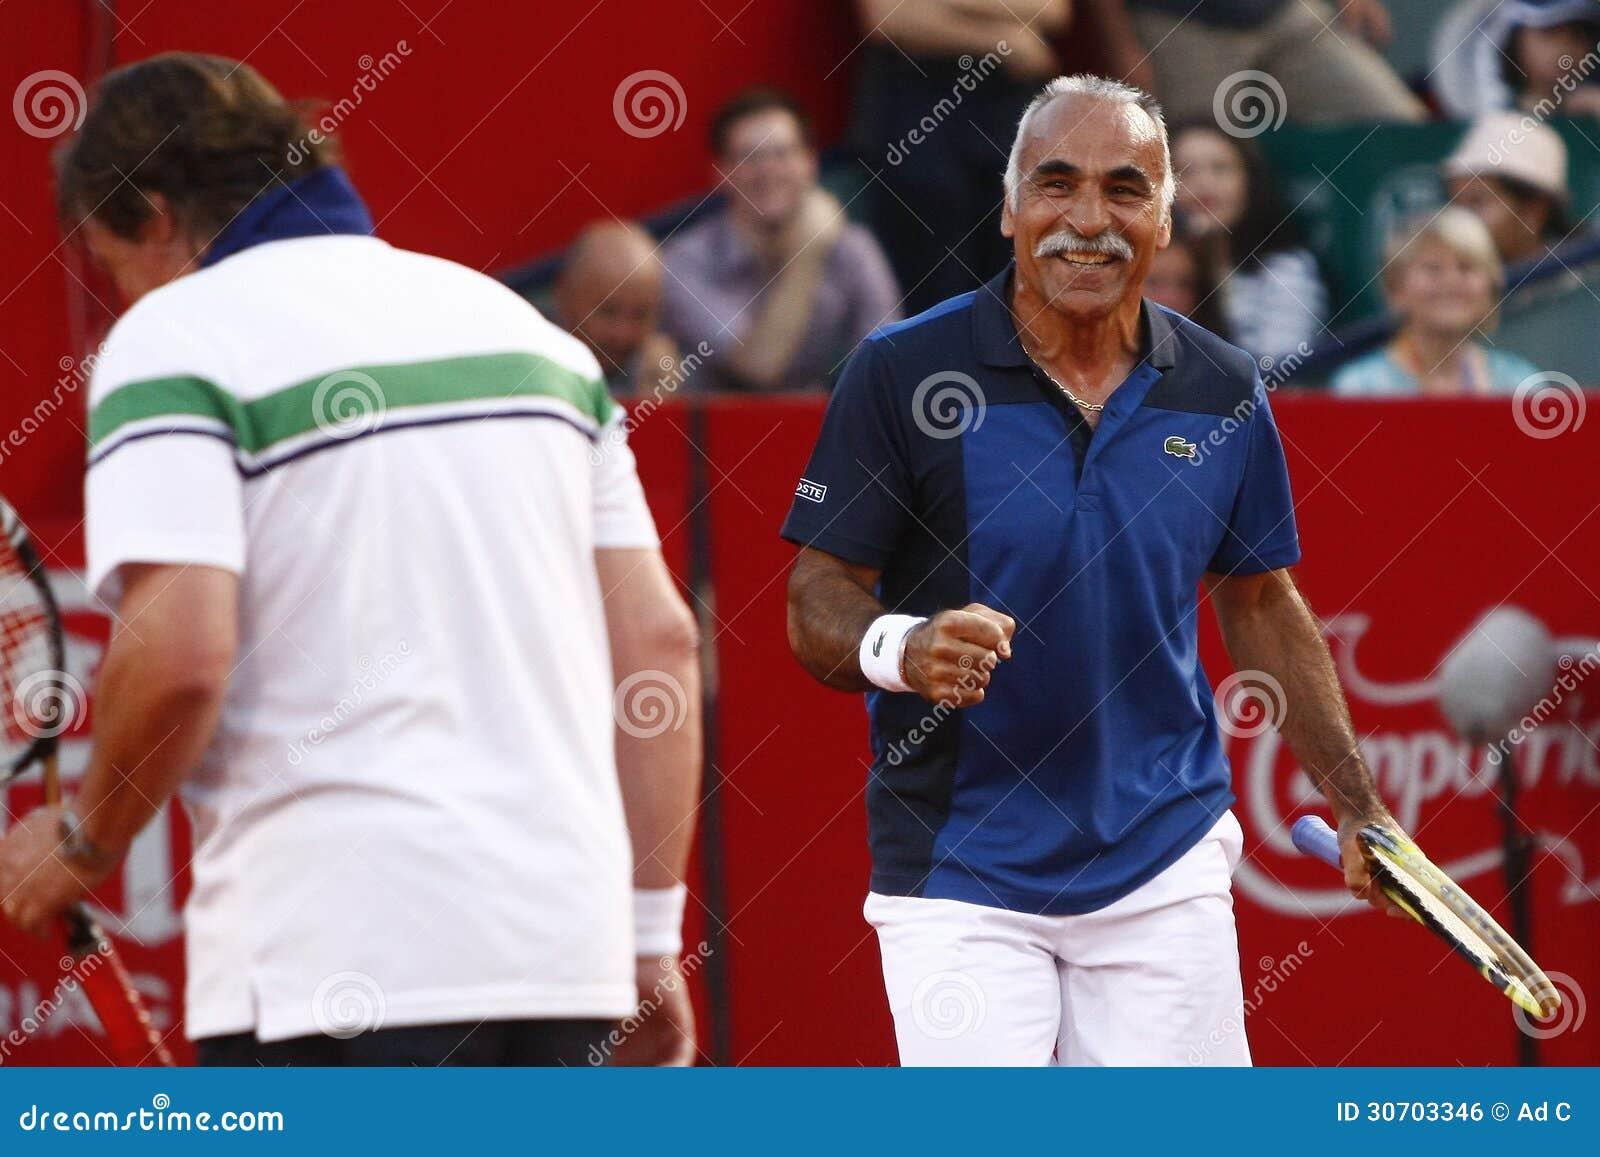 BRD Open 2013 Exhibition Match Adriano Panatta Ilie Nastase